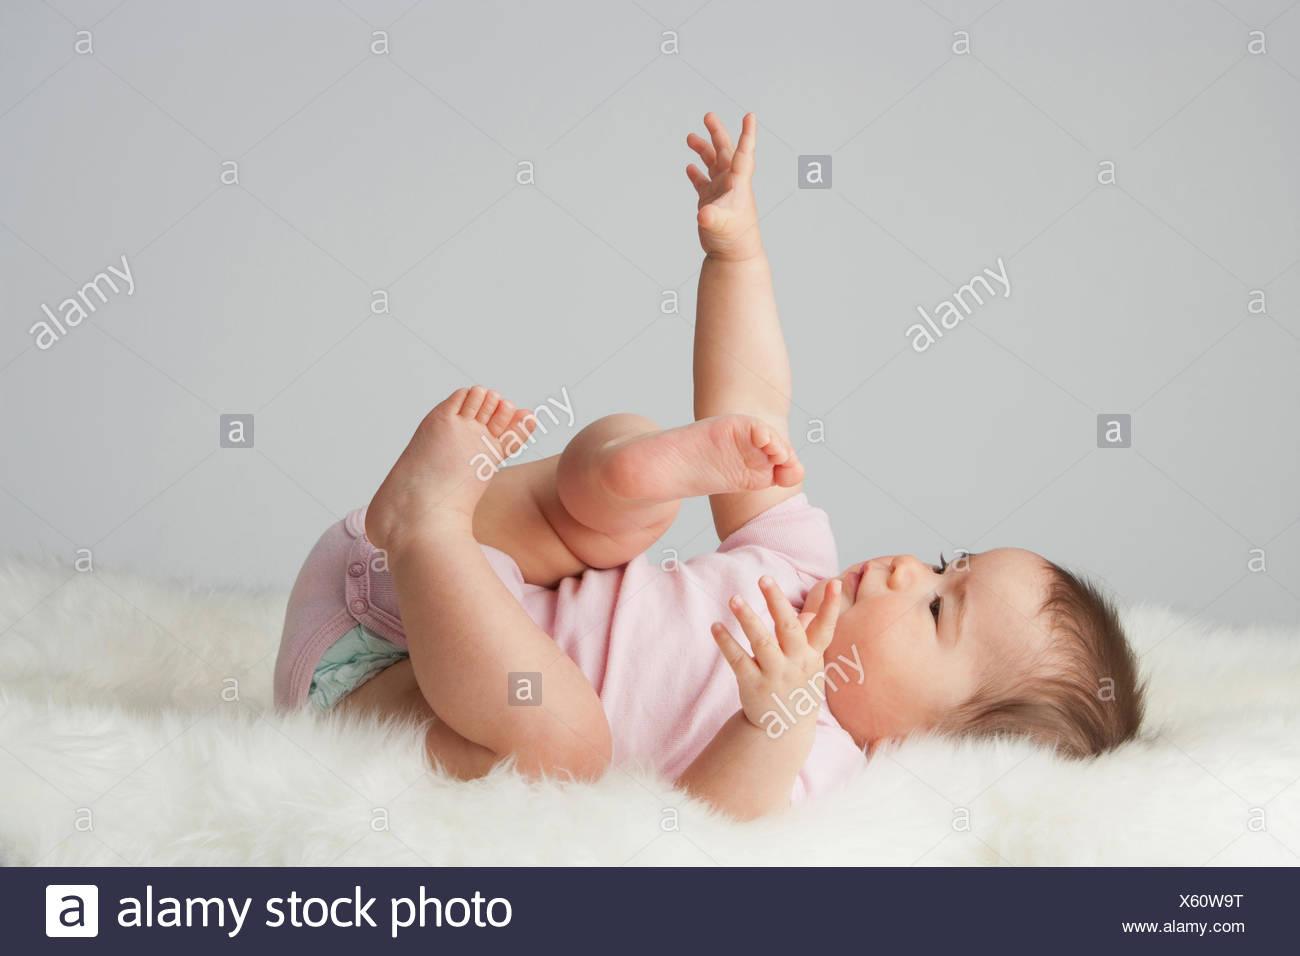 Un bebé acostado Imagen De Stock